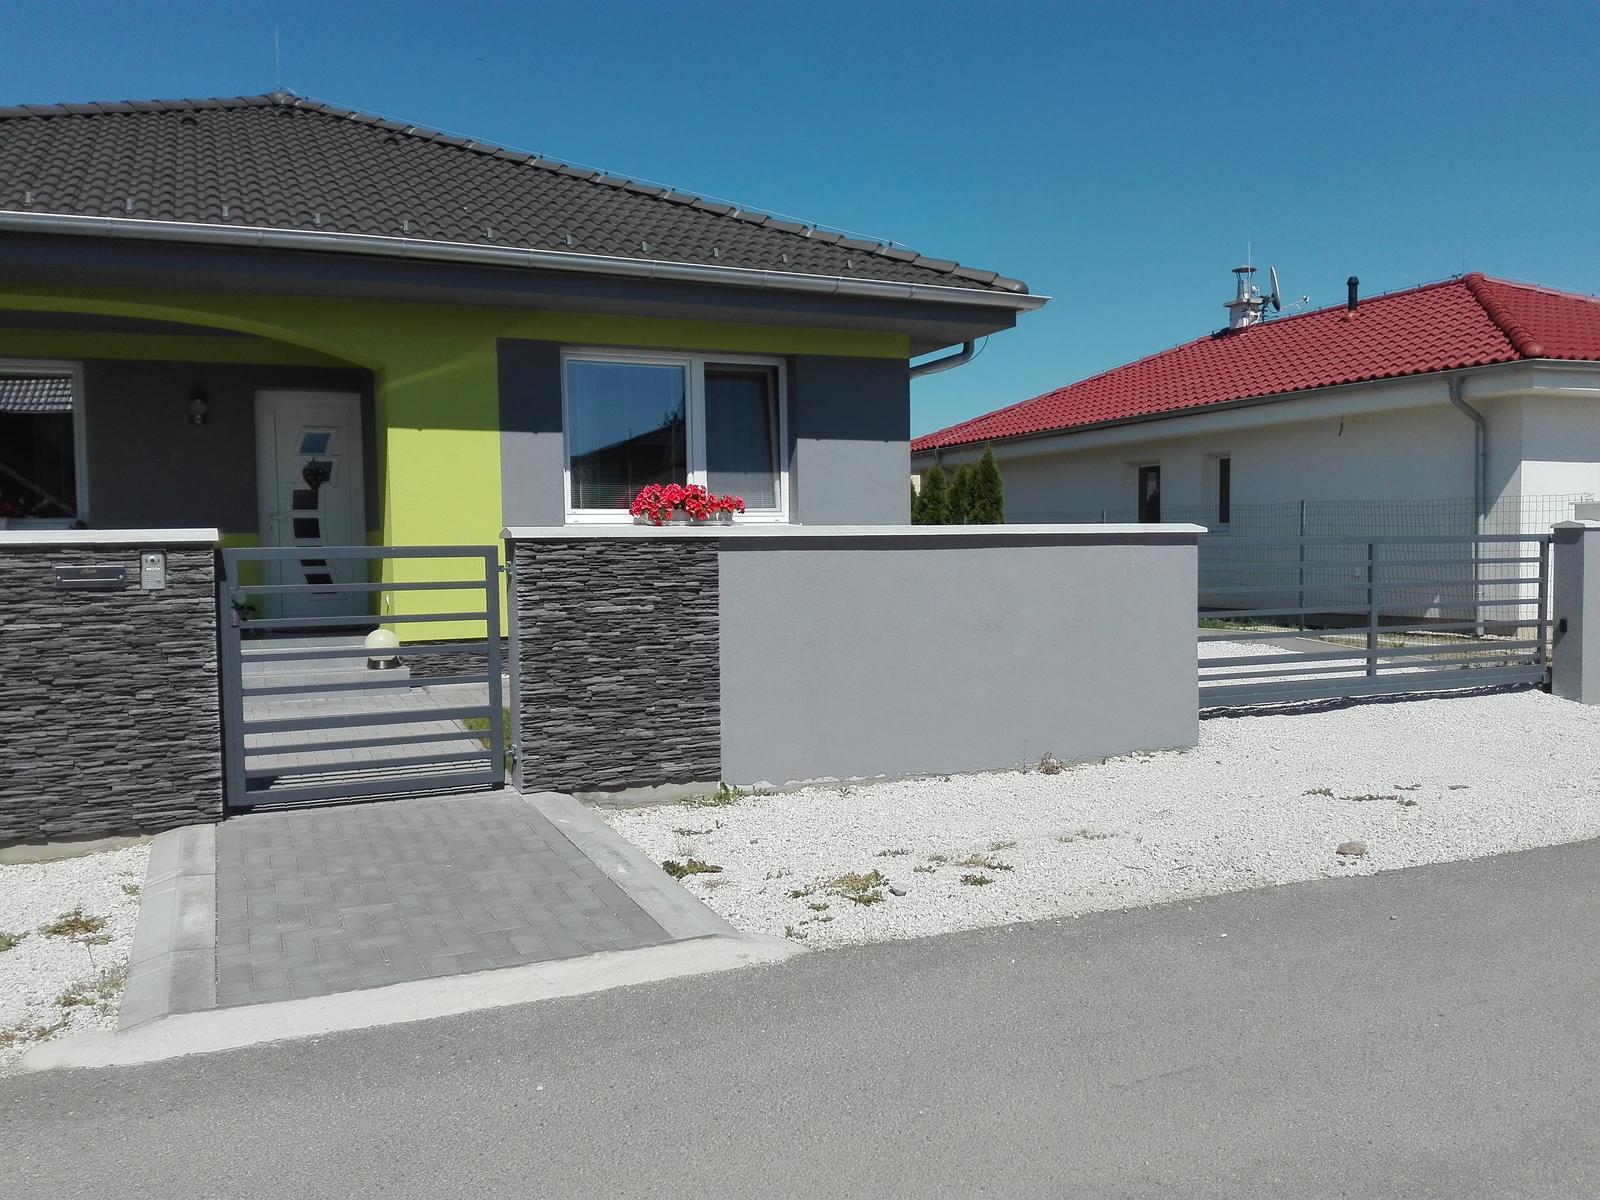 Nase byvanicko :) - Este nas caka vydlazdit parkovacie miesta pred domom a vedla domu